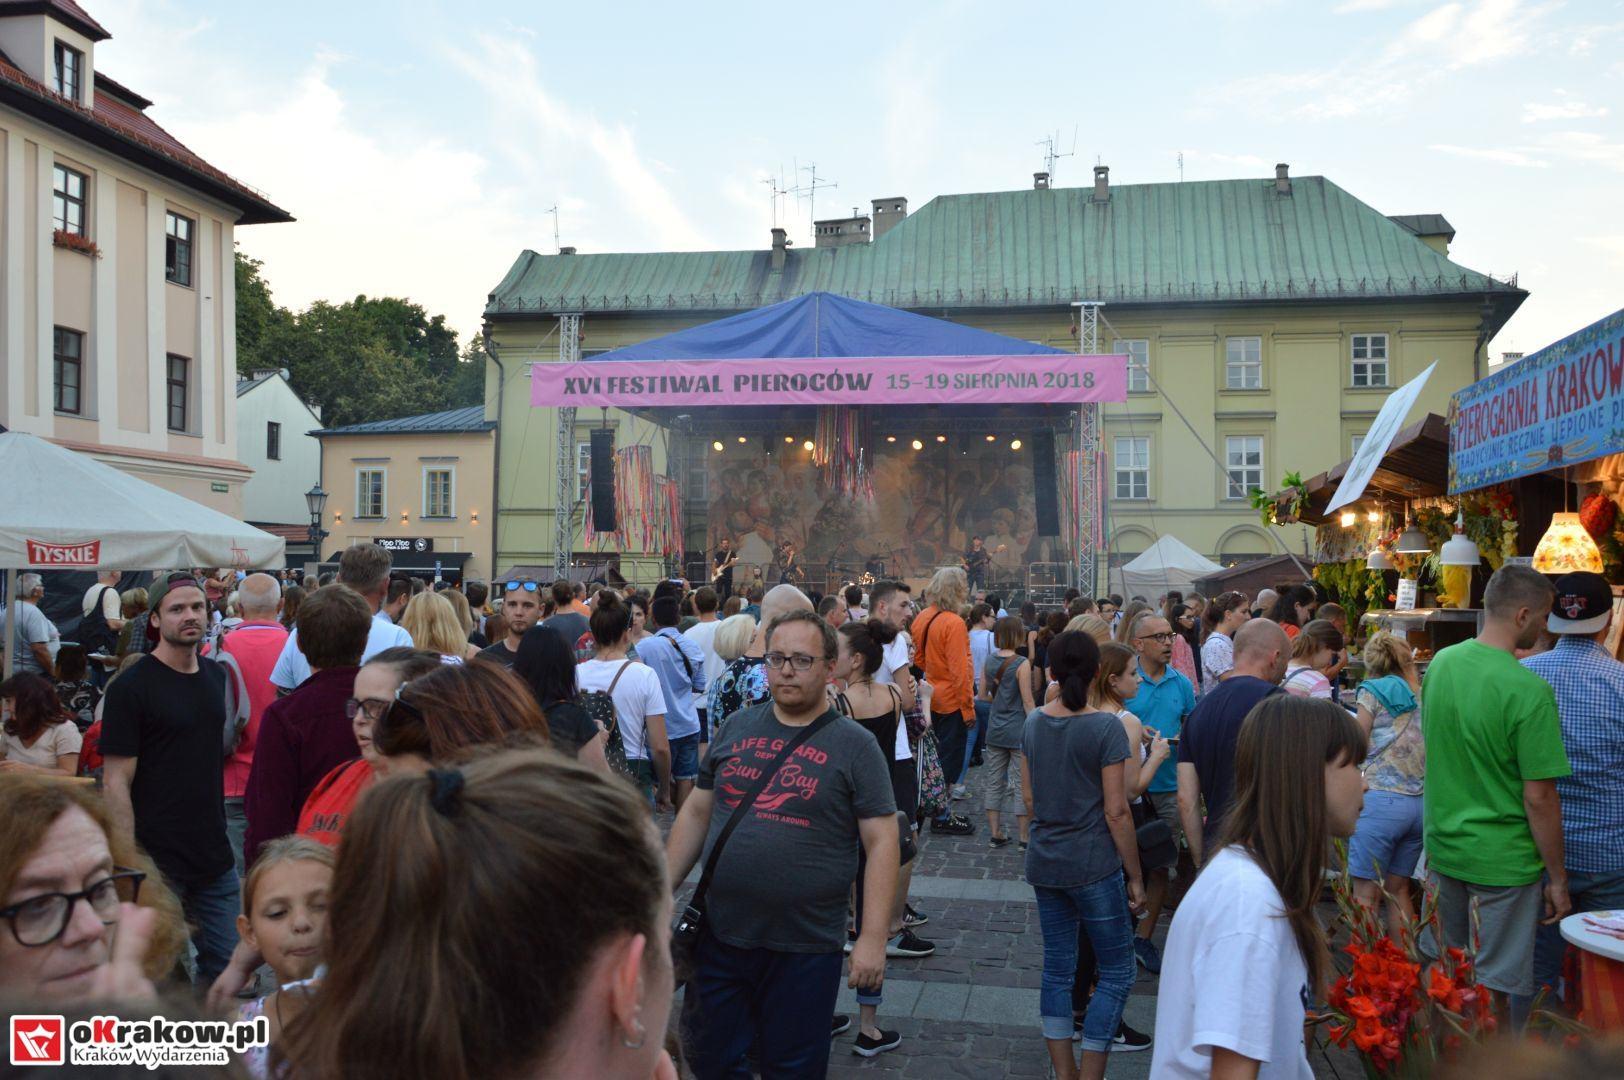 krakow festiwal pierogow maly rynek koncert cheap tobacco 138 150x150 - Galeria zdjęć Festiwal Pierogów Kraków 2018 + zdjęcia z koncertu Cheap Tobacco